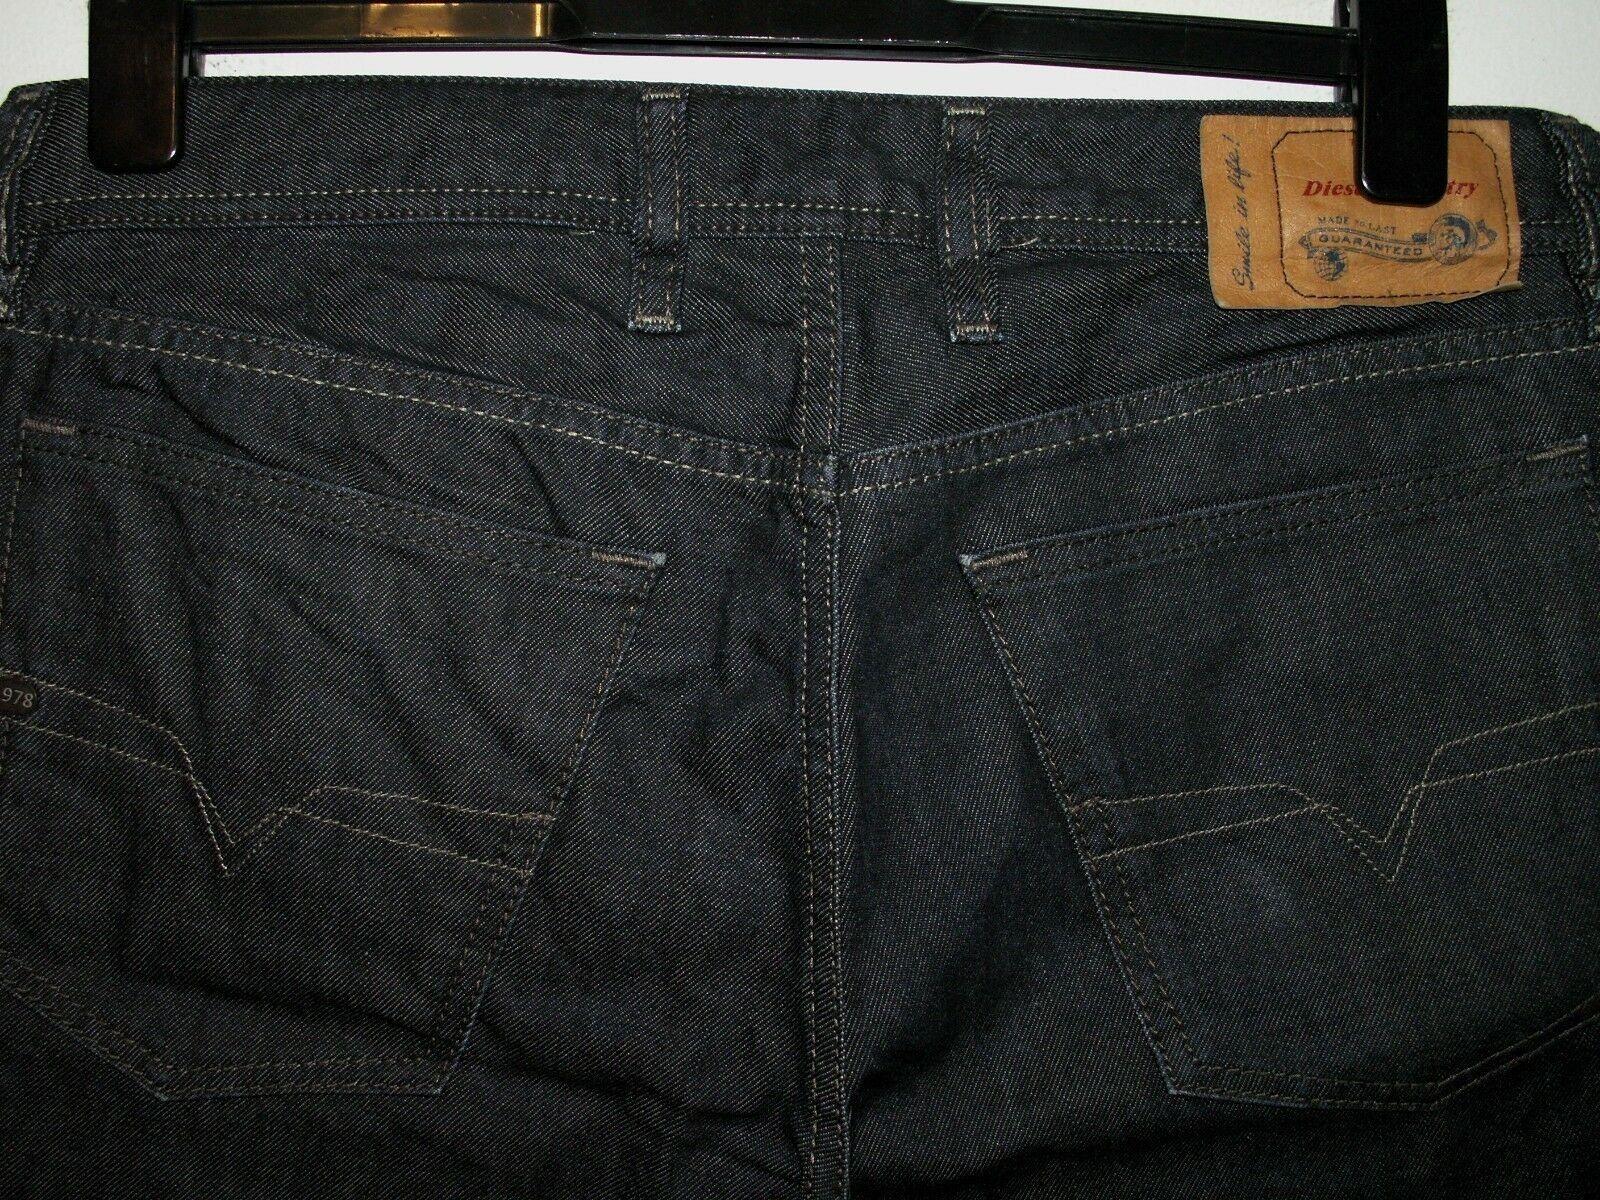 Diesel waykee regular-straight fit jeans wash 0088Z W32 L30 (a1747)  | Lassen Sie unsere Produkte in die Welt gehen  | Optimaler Preis  | Sale Outlet